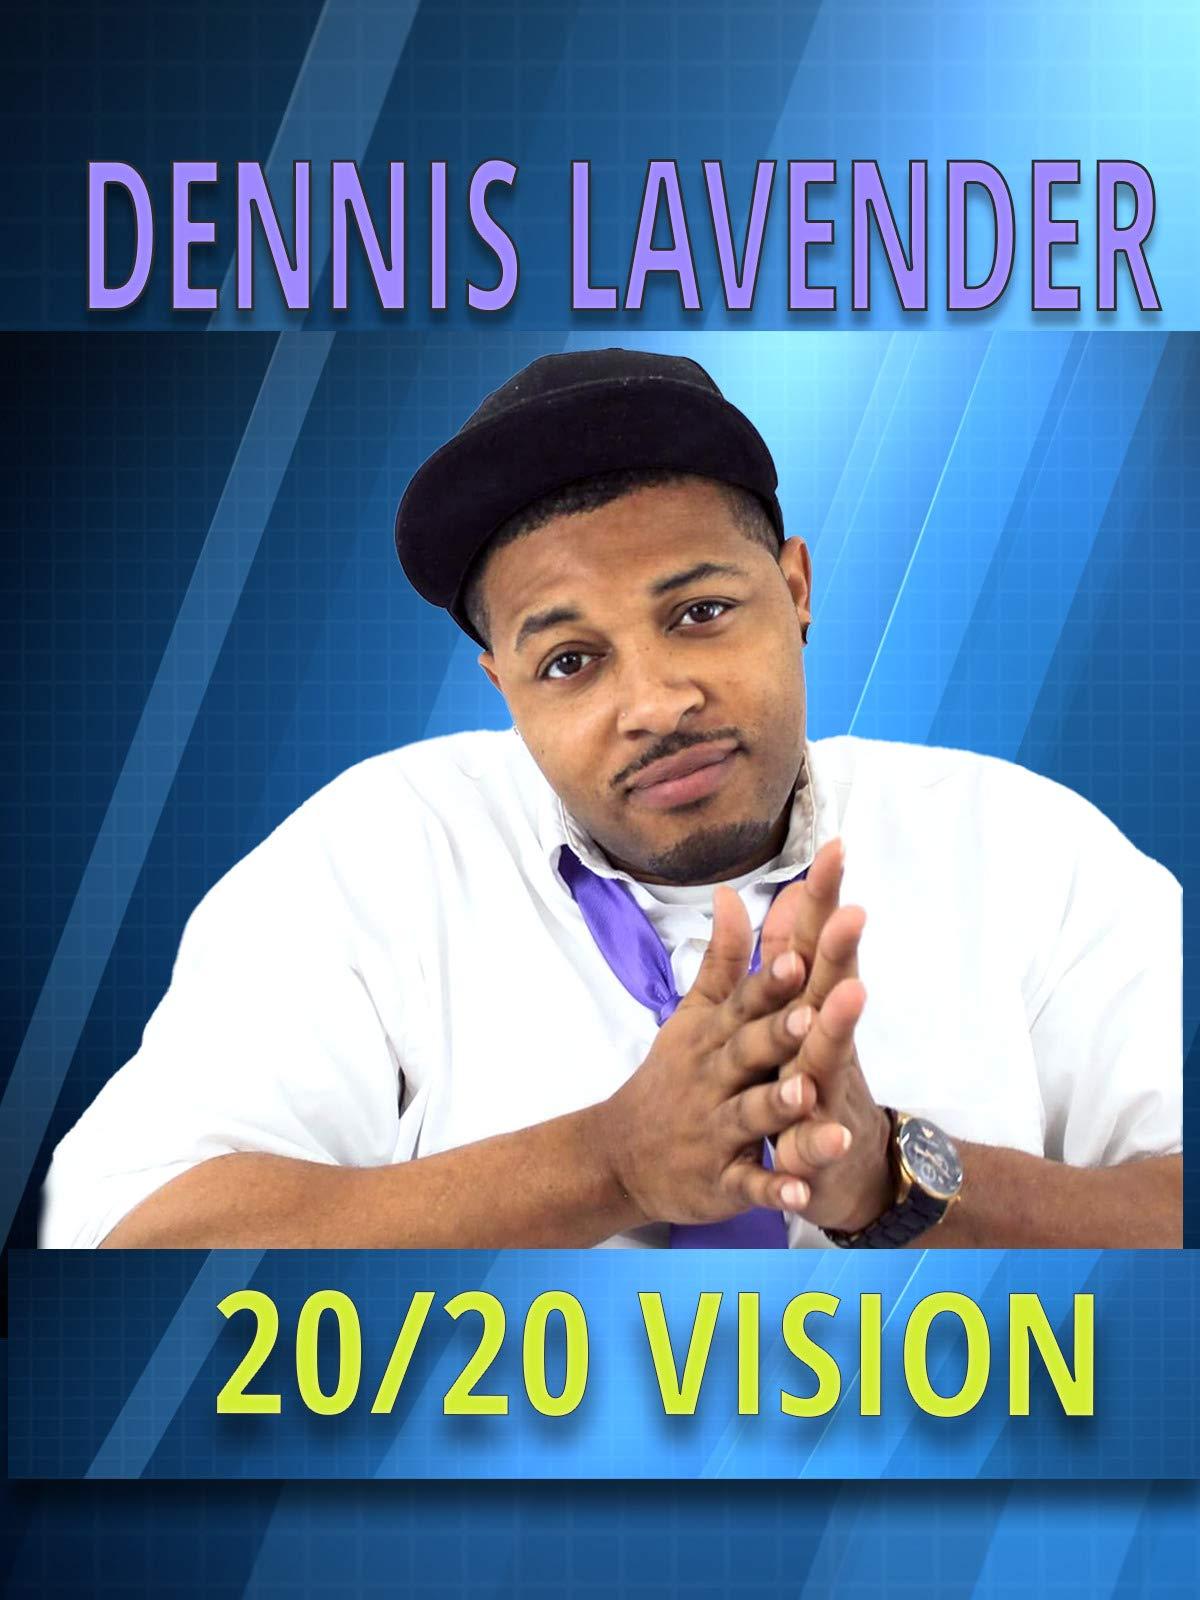 Dennis Lavender 20/20 VISION